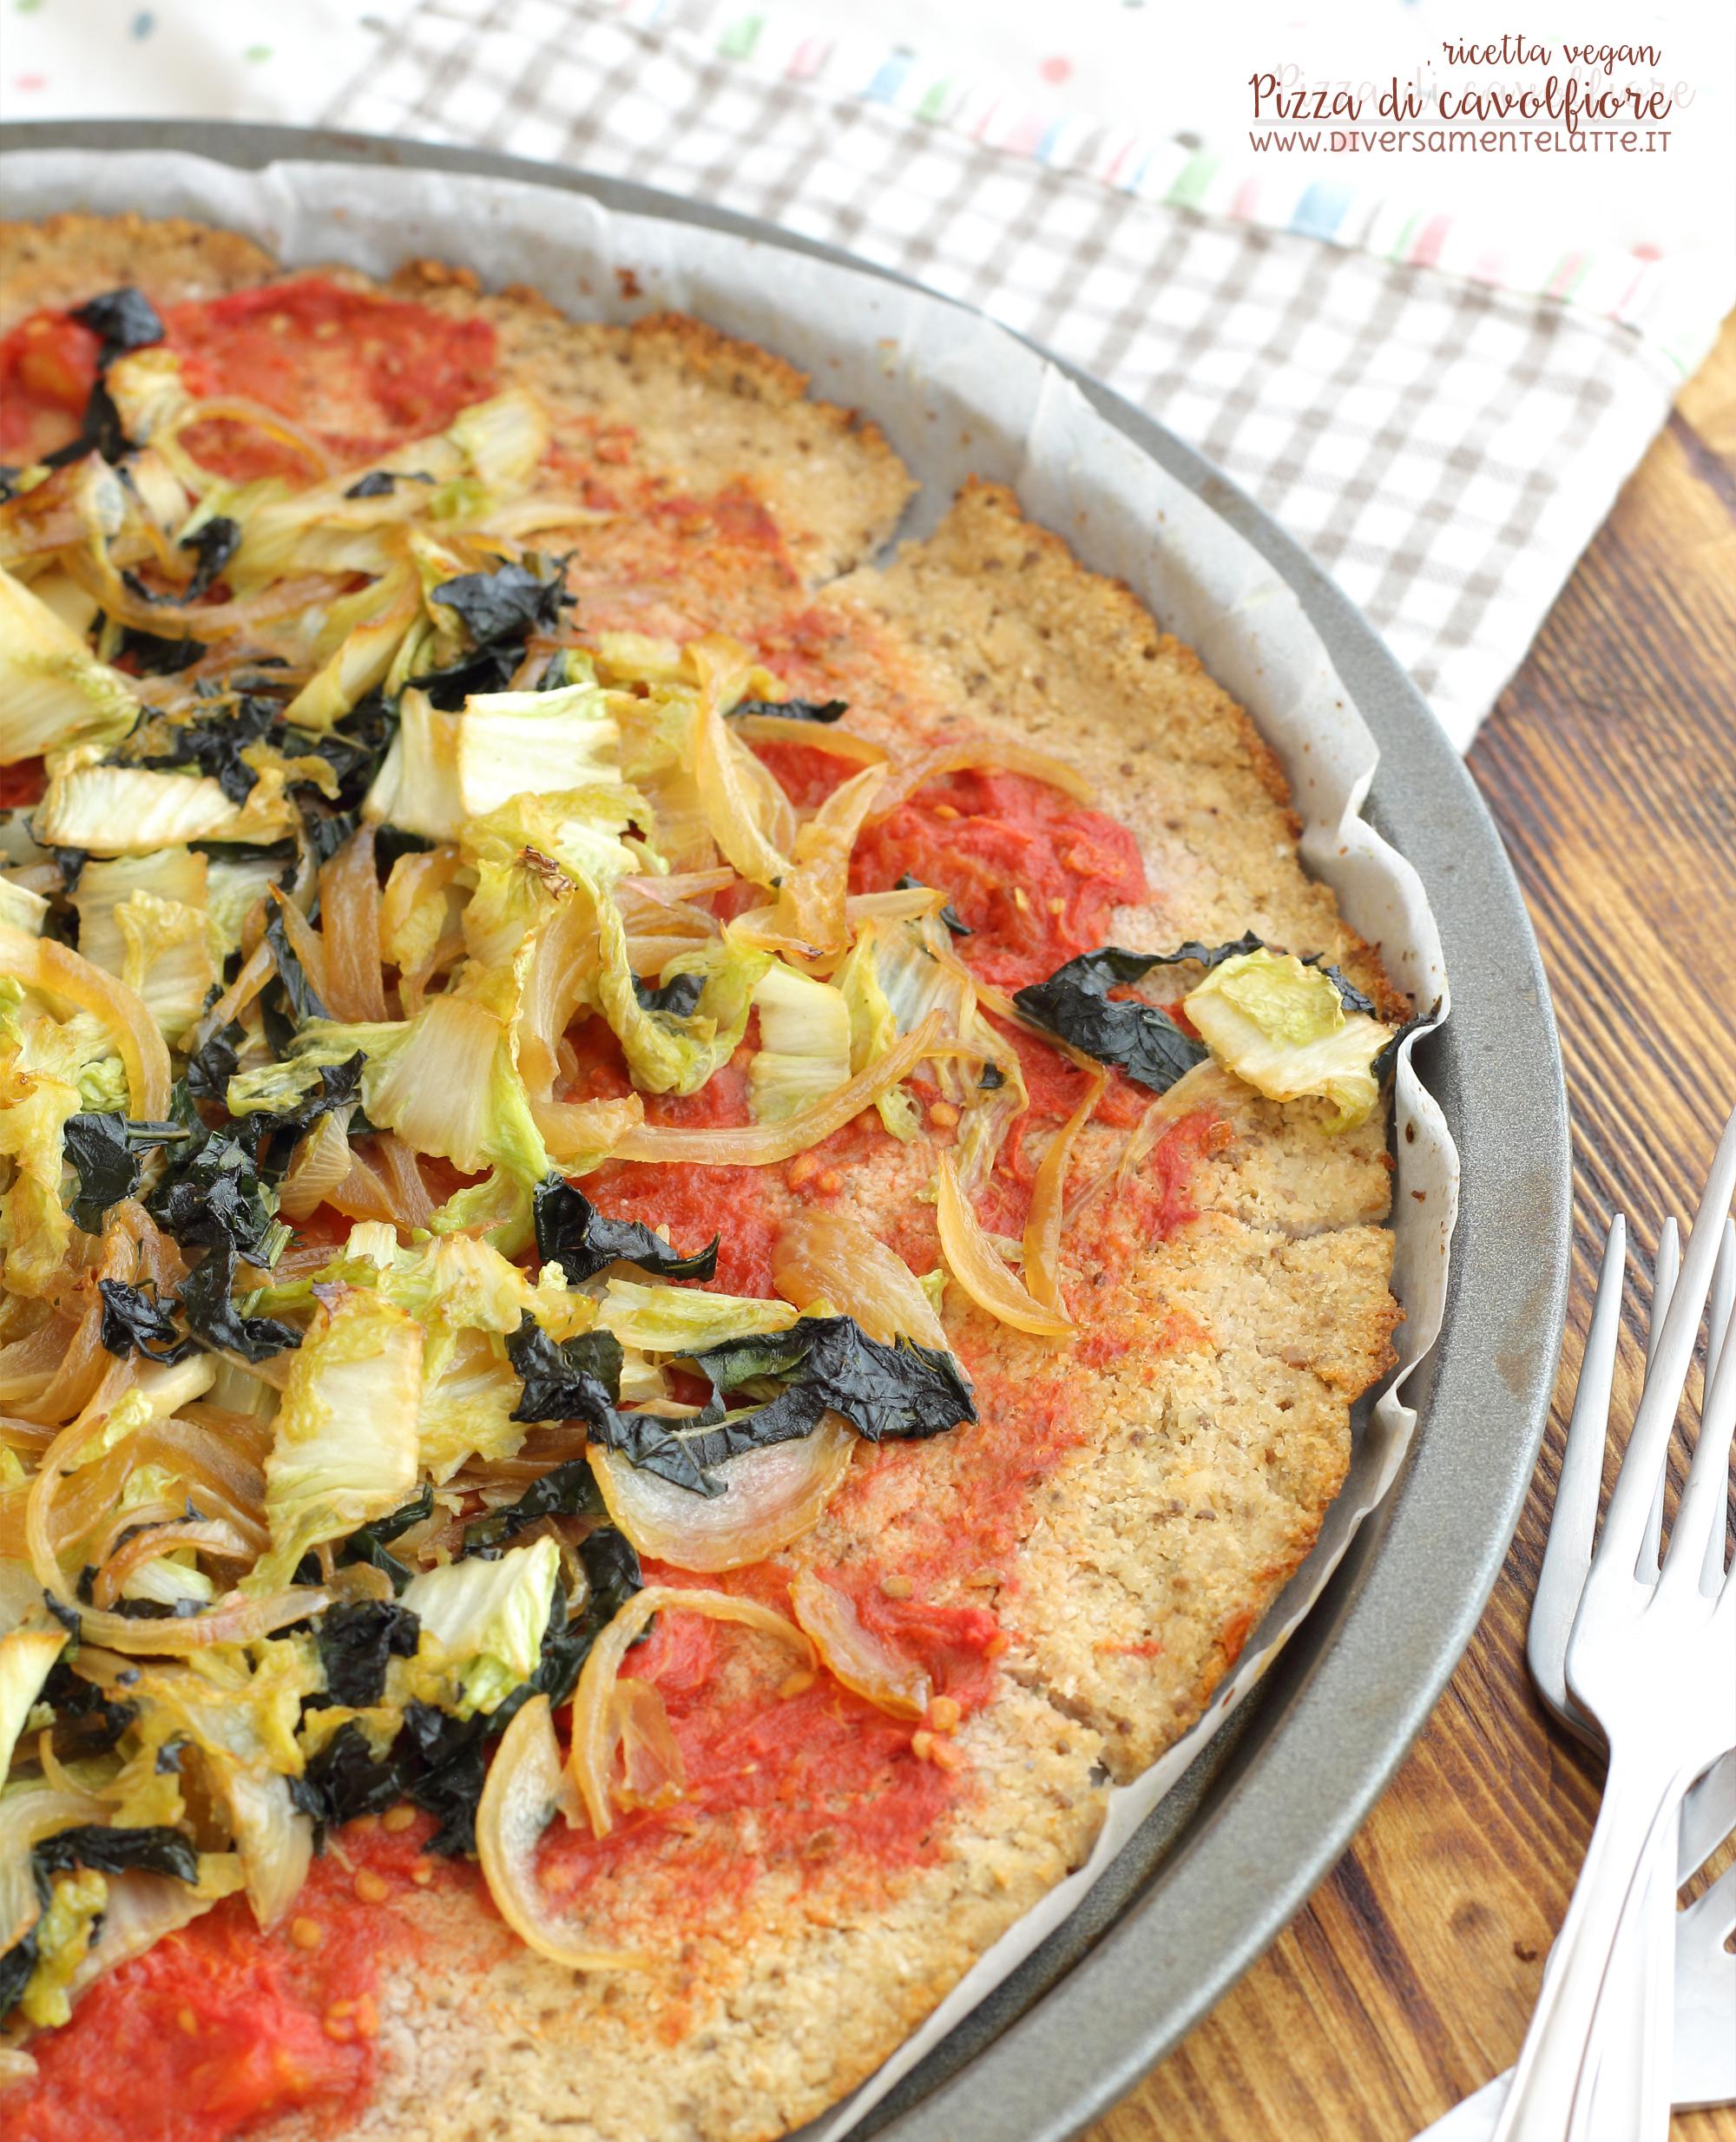 pizza di cavolfiore ricetta vegan